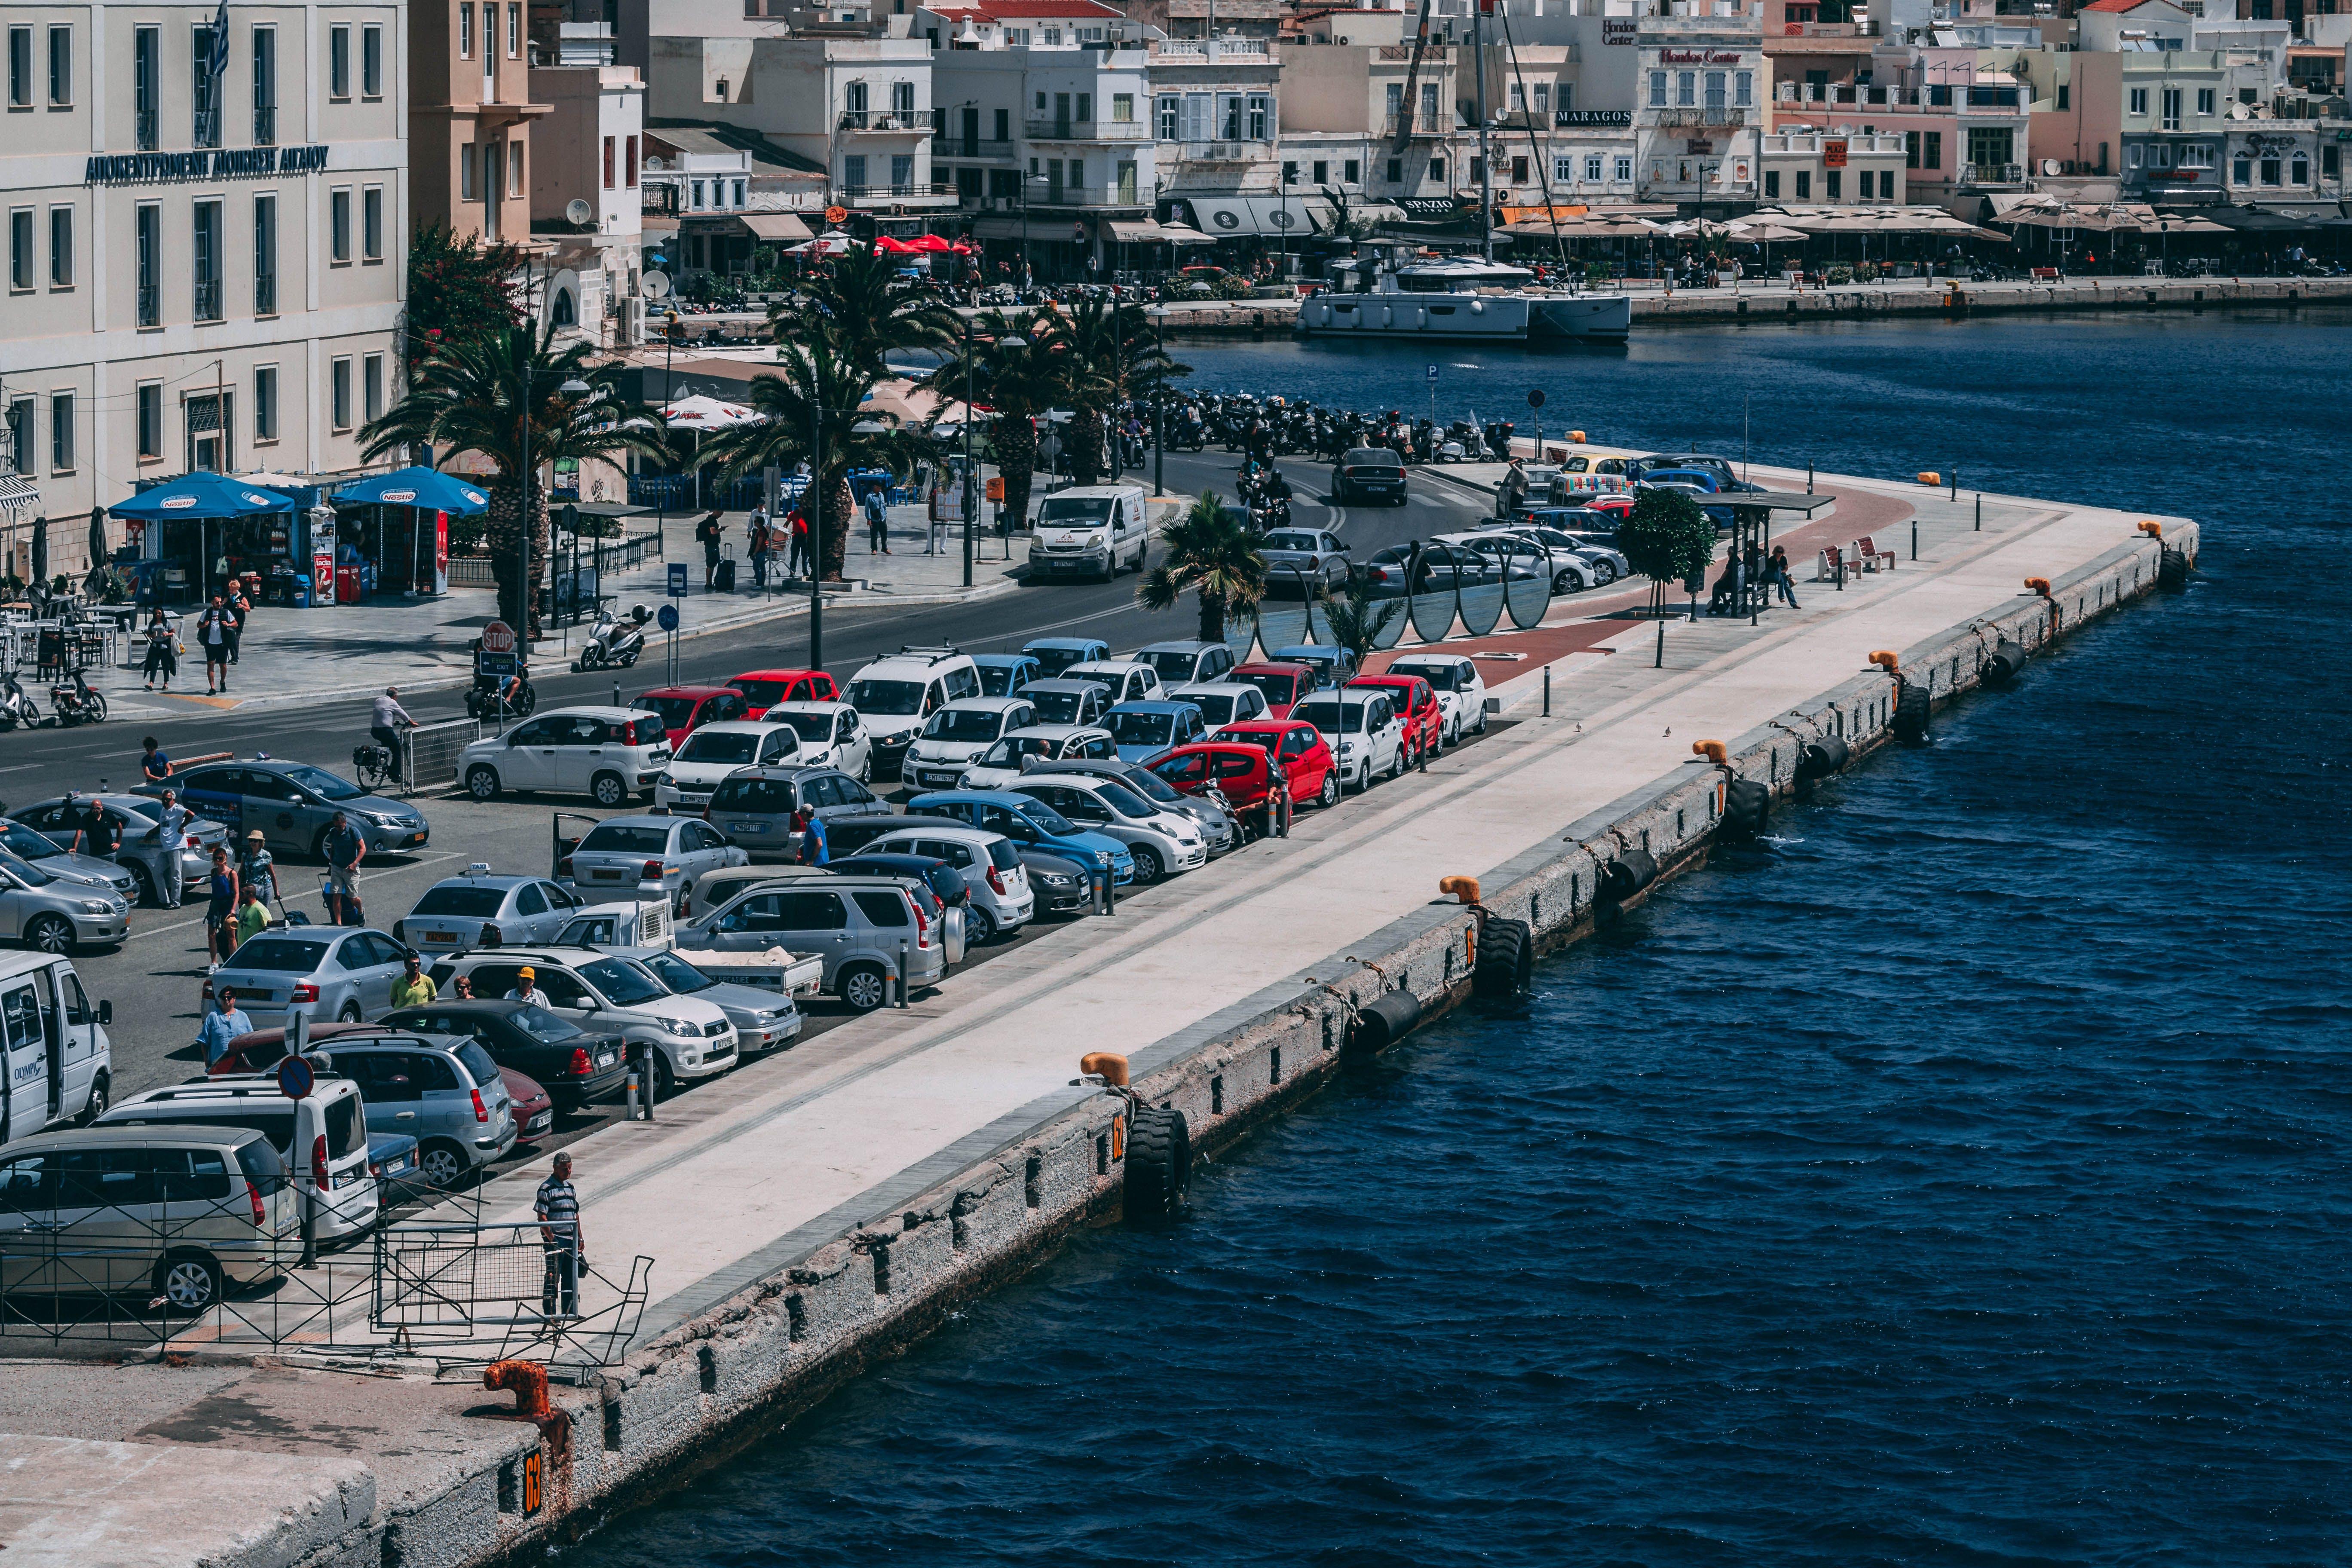 Kostnadsfri bild av arkitektur, båt, bilar, byggnader